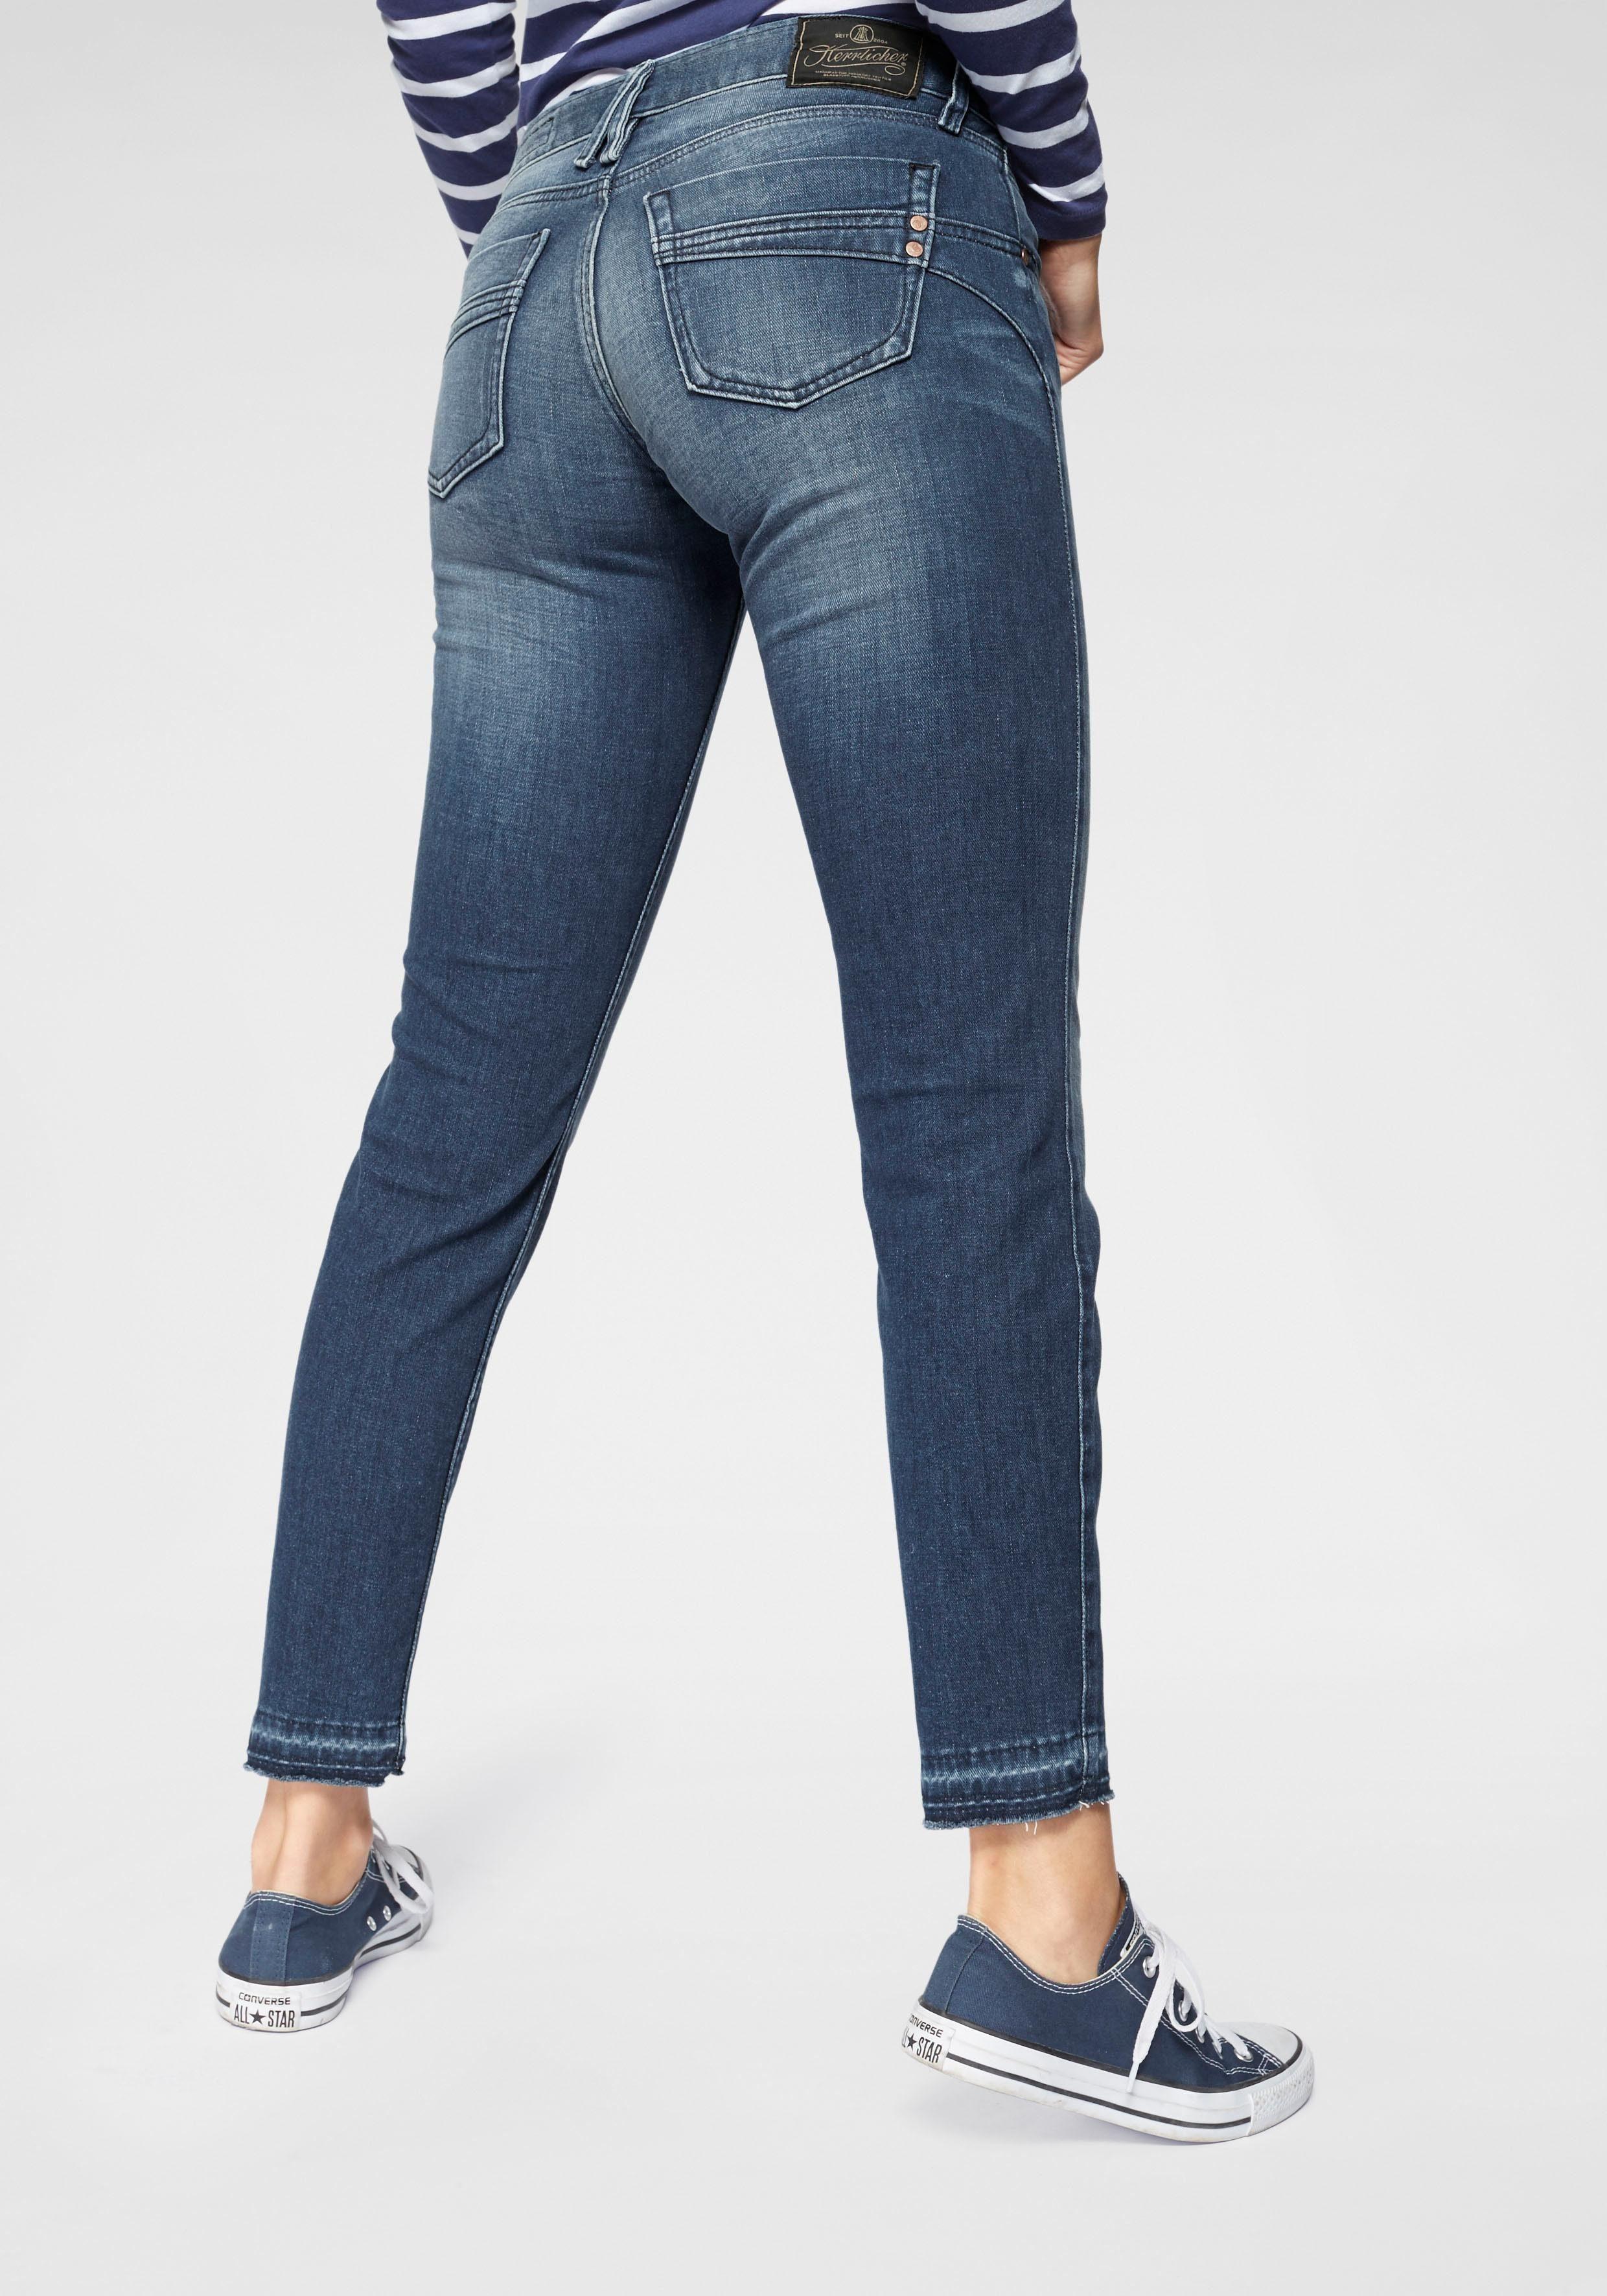 Herrlicher 78 Jeans »TOUCH CROPPED« Low Waist Ultra Stretch mit Cut Off Saum und Push up Effekt online kaufen | OTTO